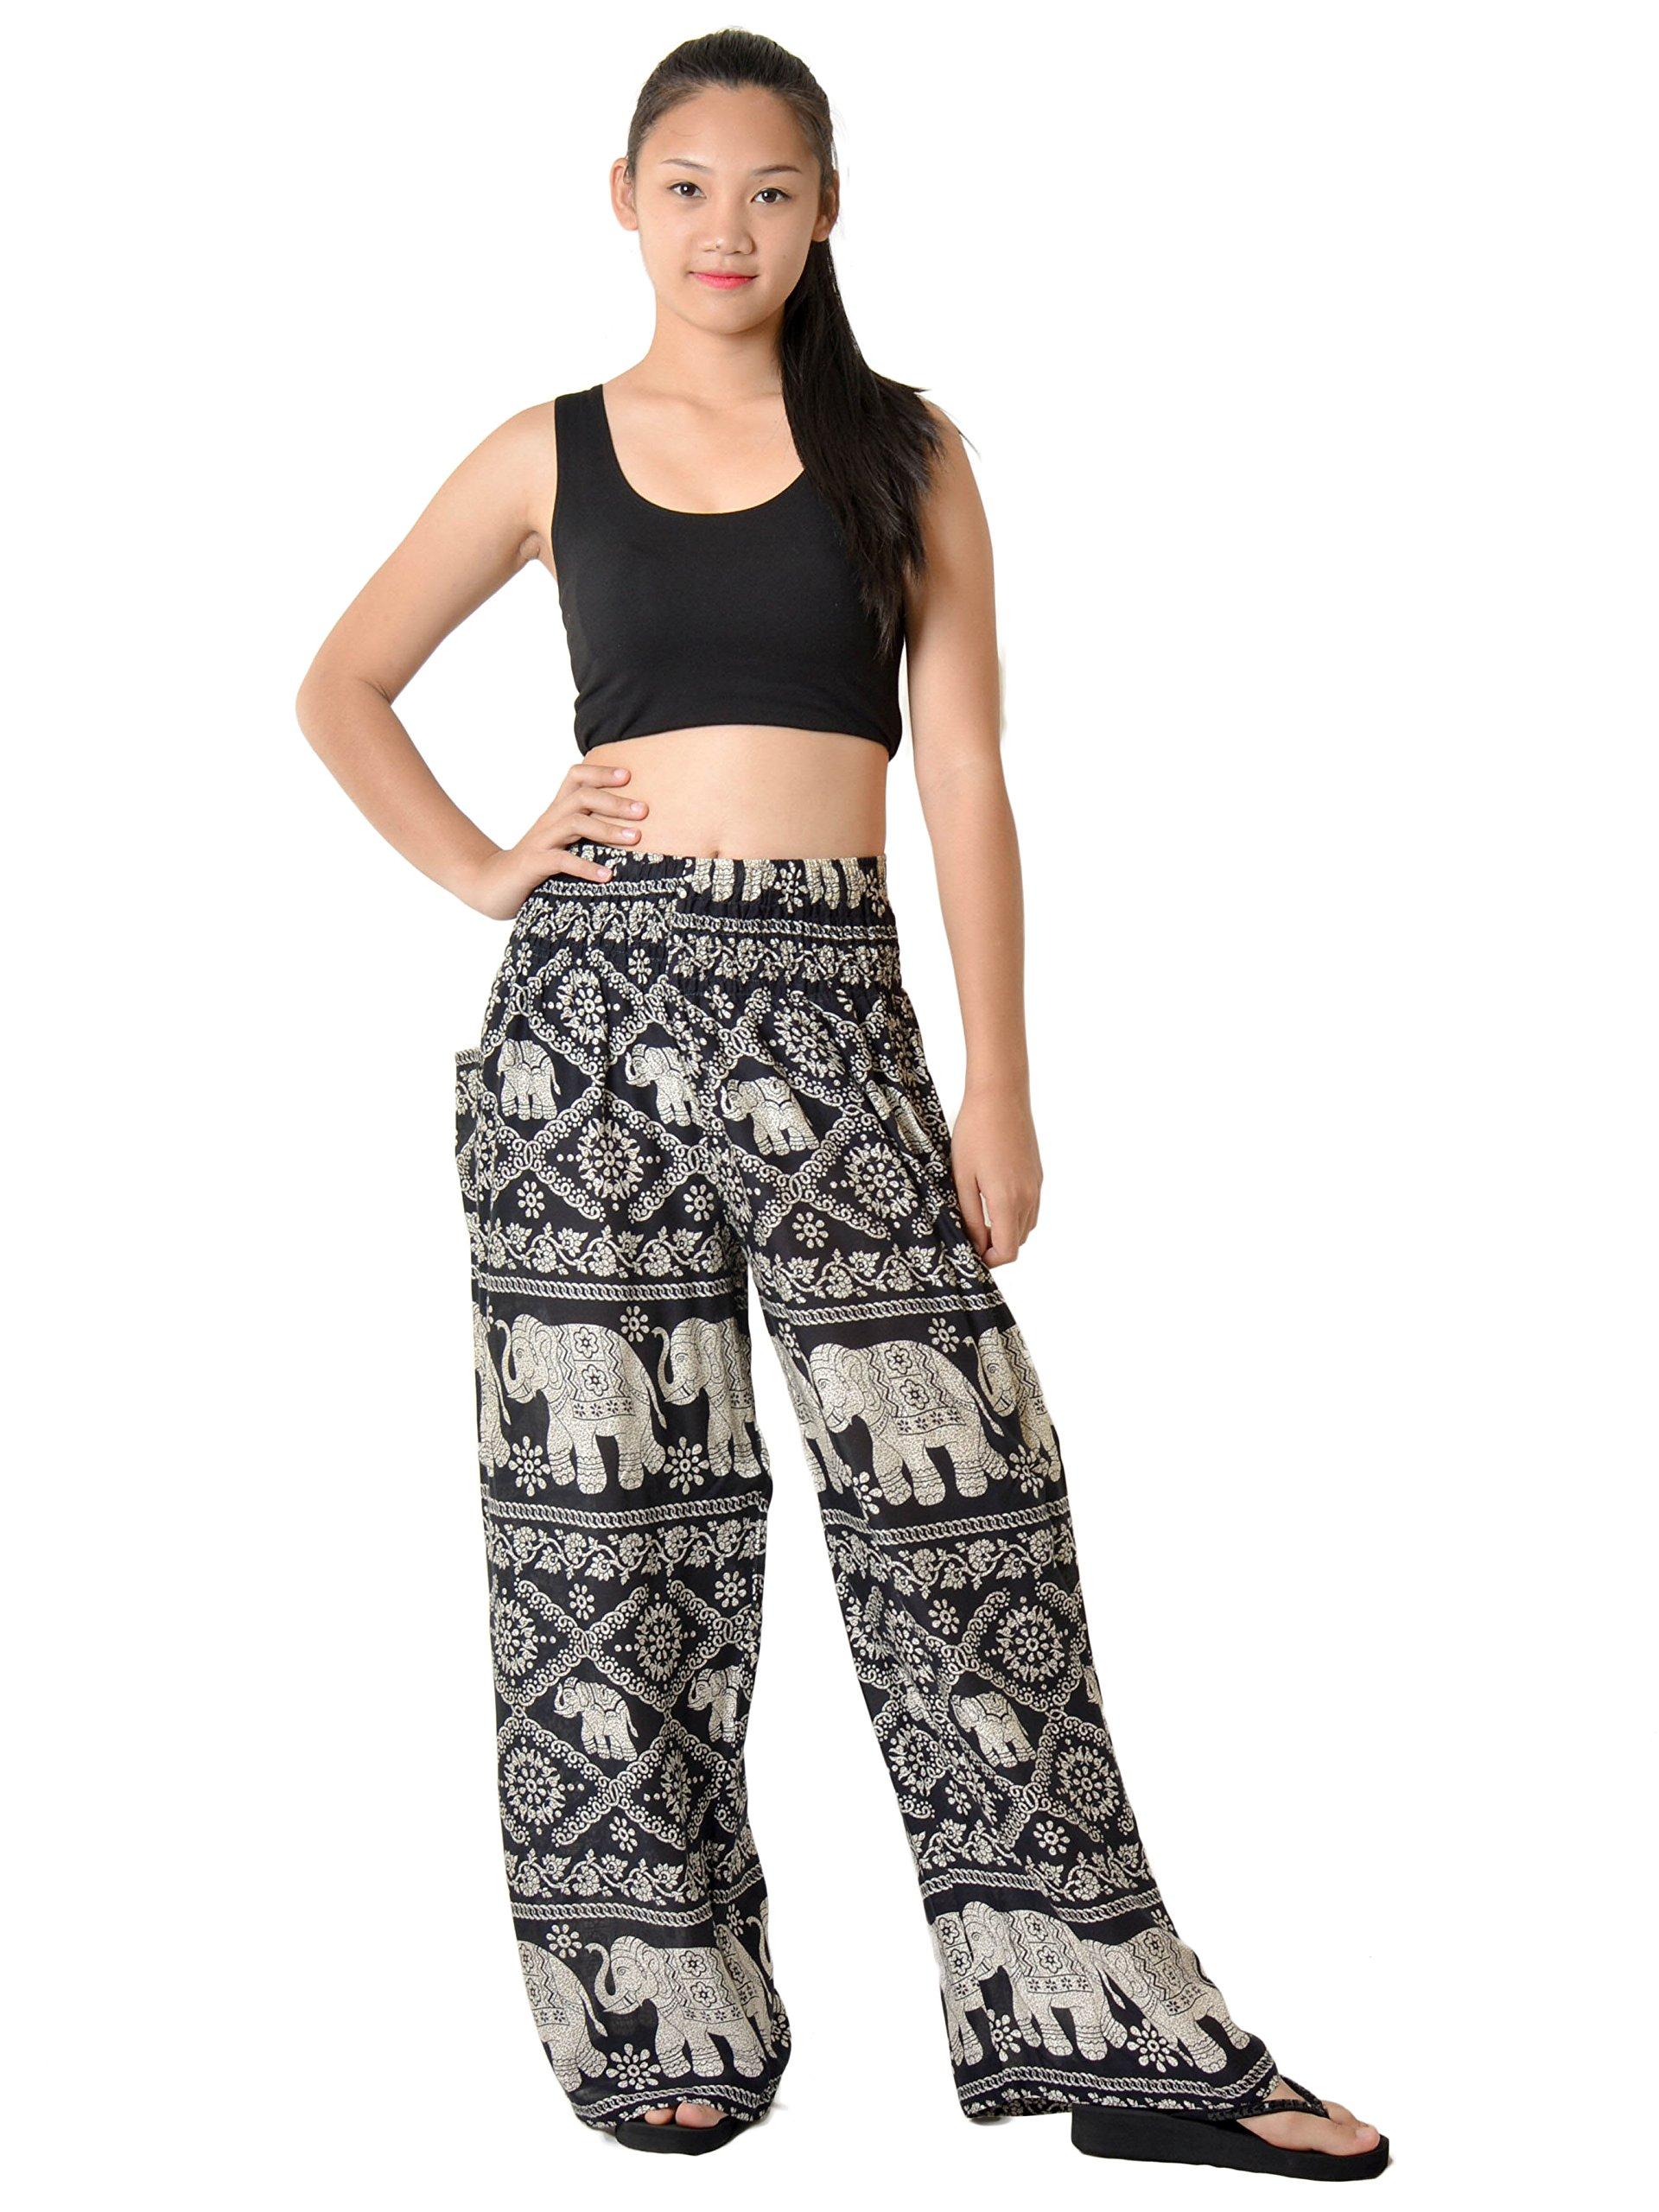 Orient Trail Women's Bohemian Elephant Design Yoga Wide Leg Harem Pants XX-Large Elephant Black by Orient Trail